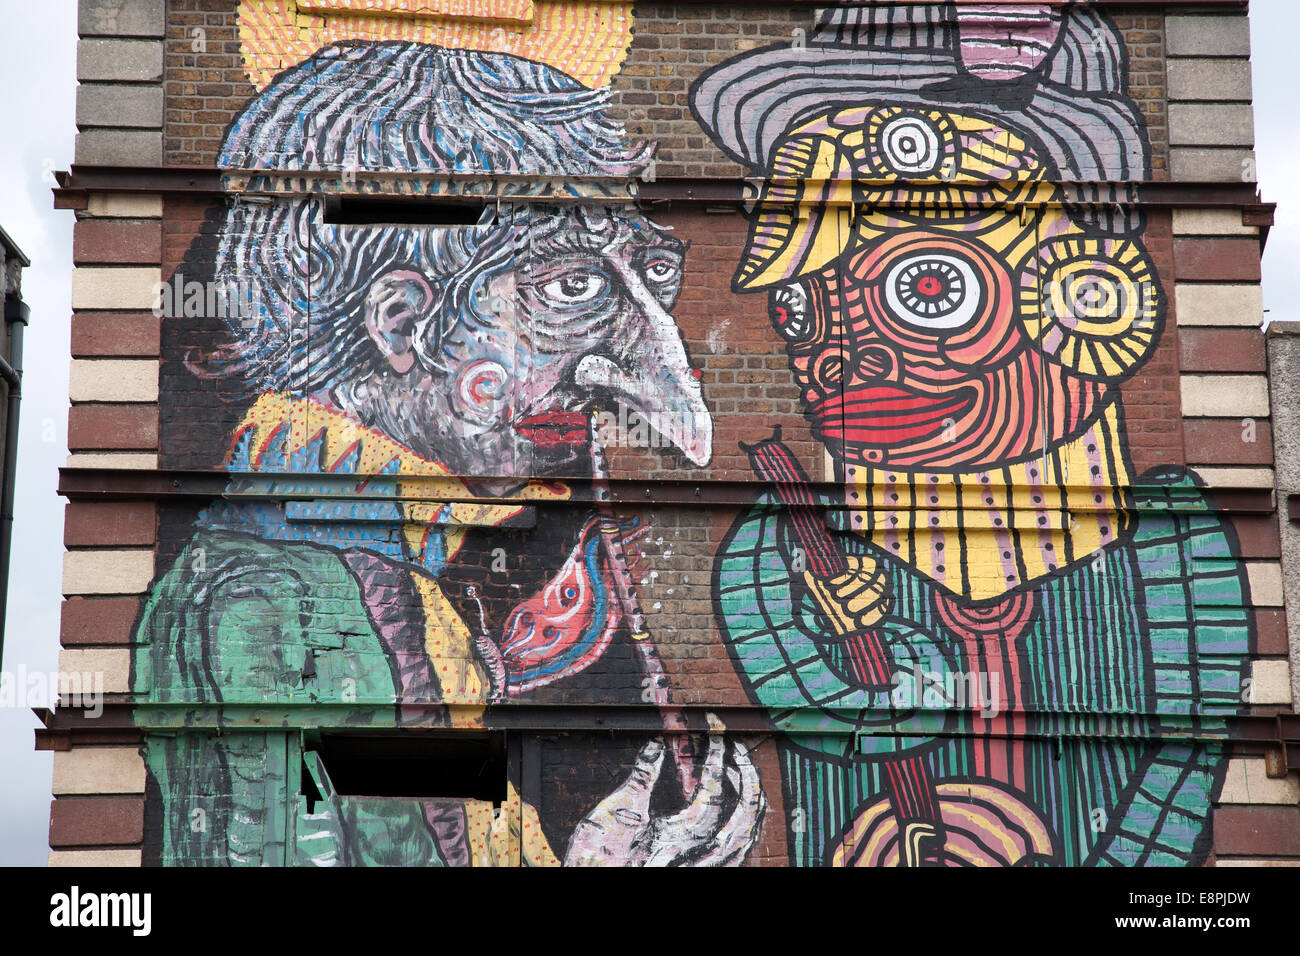 U2 graffiti wall location - Graffiti In Smithfield Square Dublin Ireland Stock Image